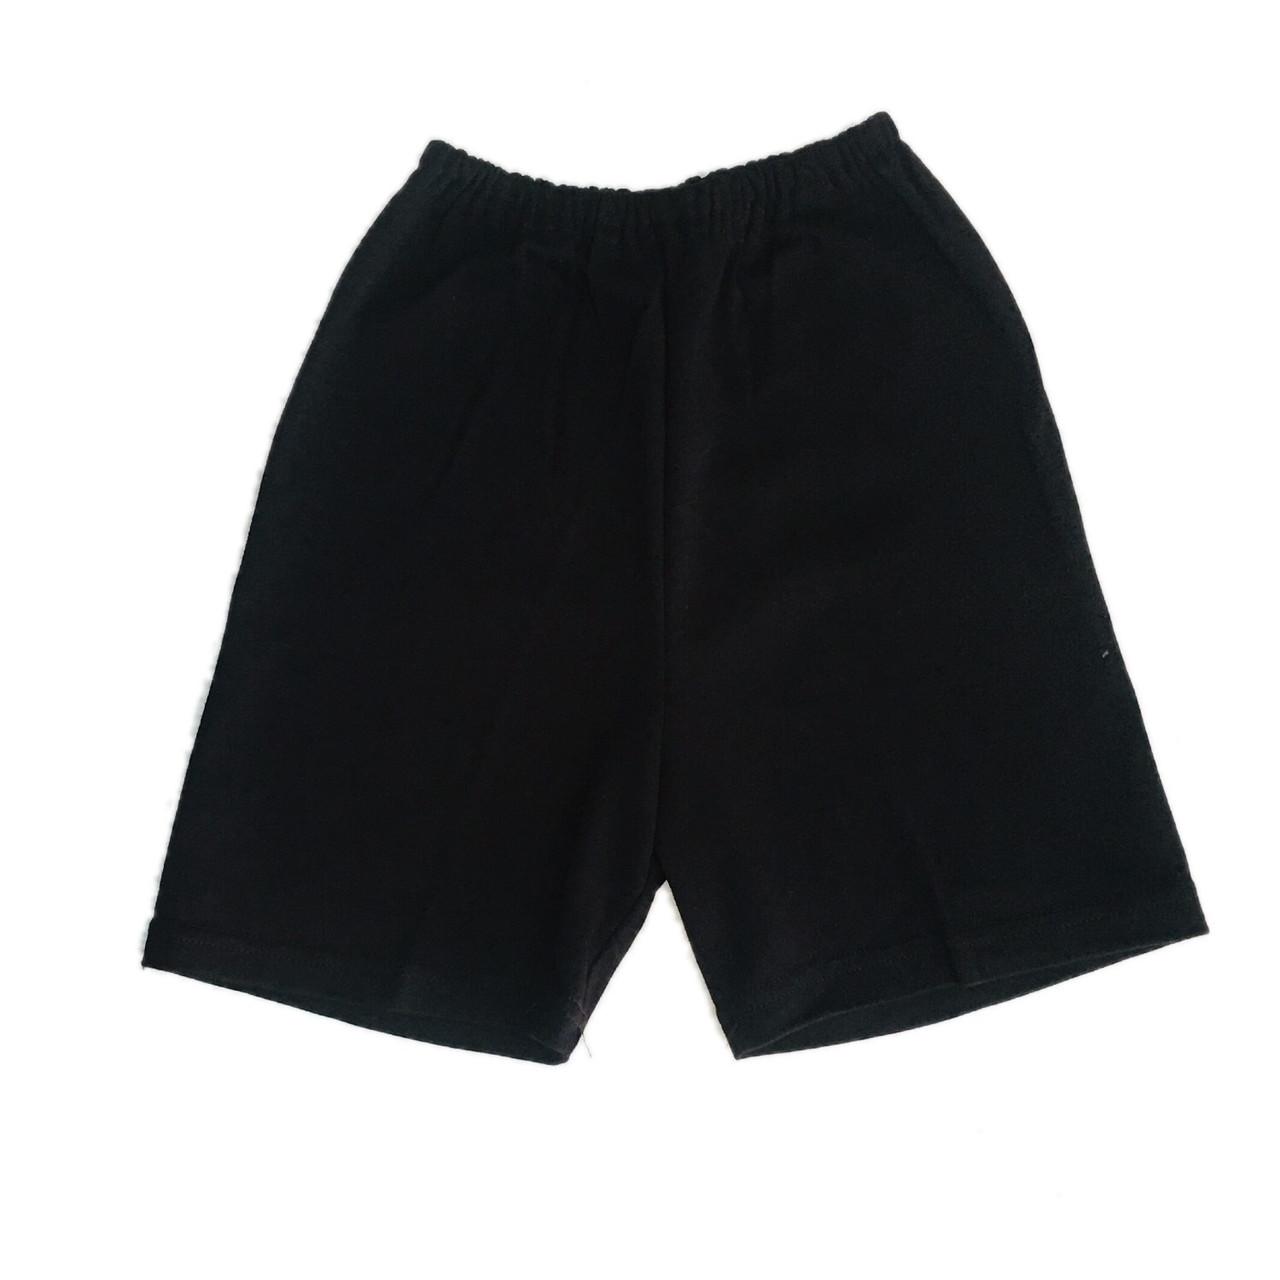 Дитячі шорти чорні на фізкультуру, 98см